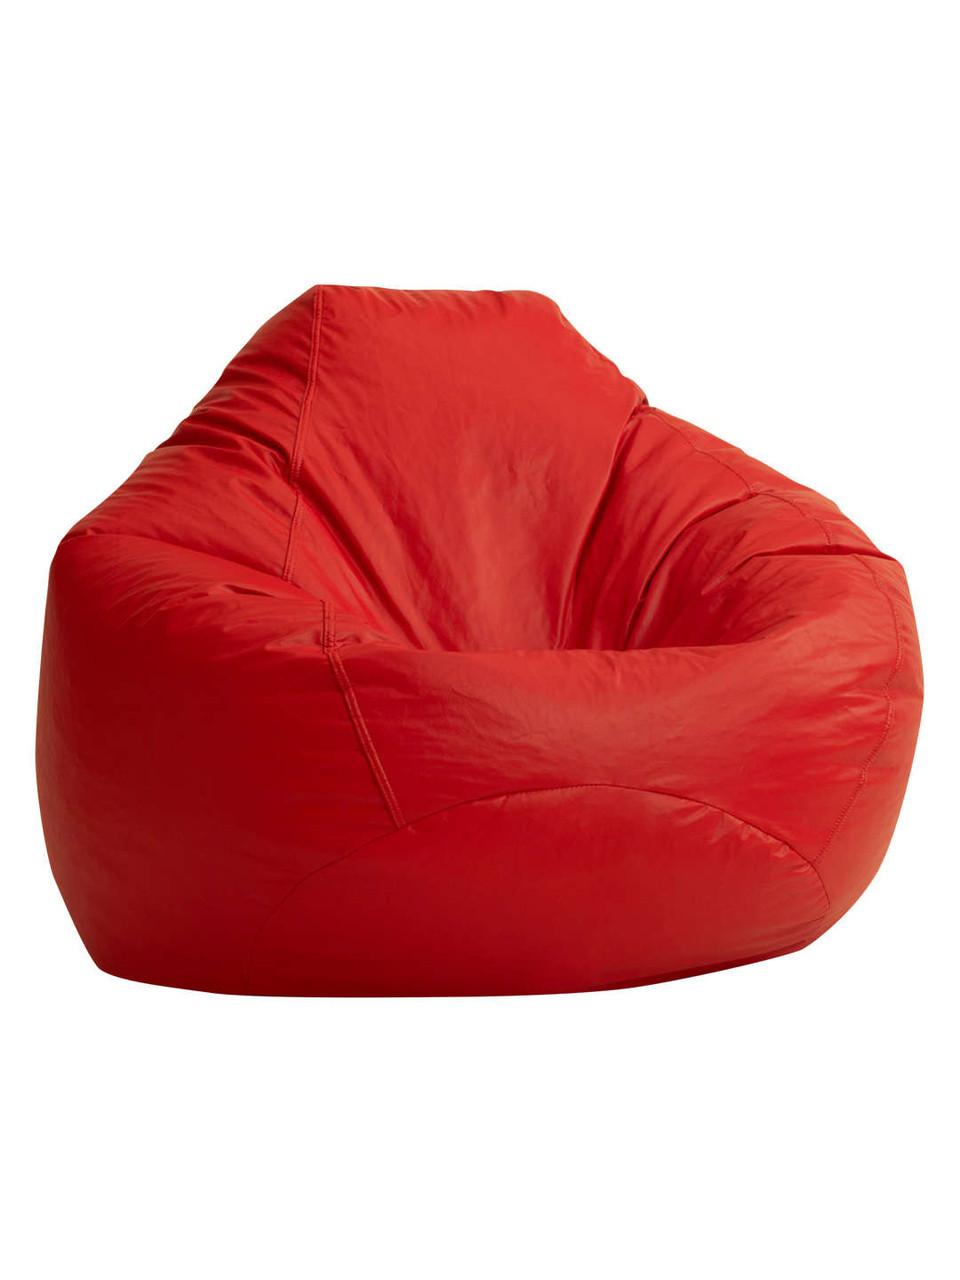 Кресло-Овал/Оксфорд/Красный/100х140 см/С дополнительным чехлом